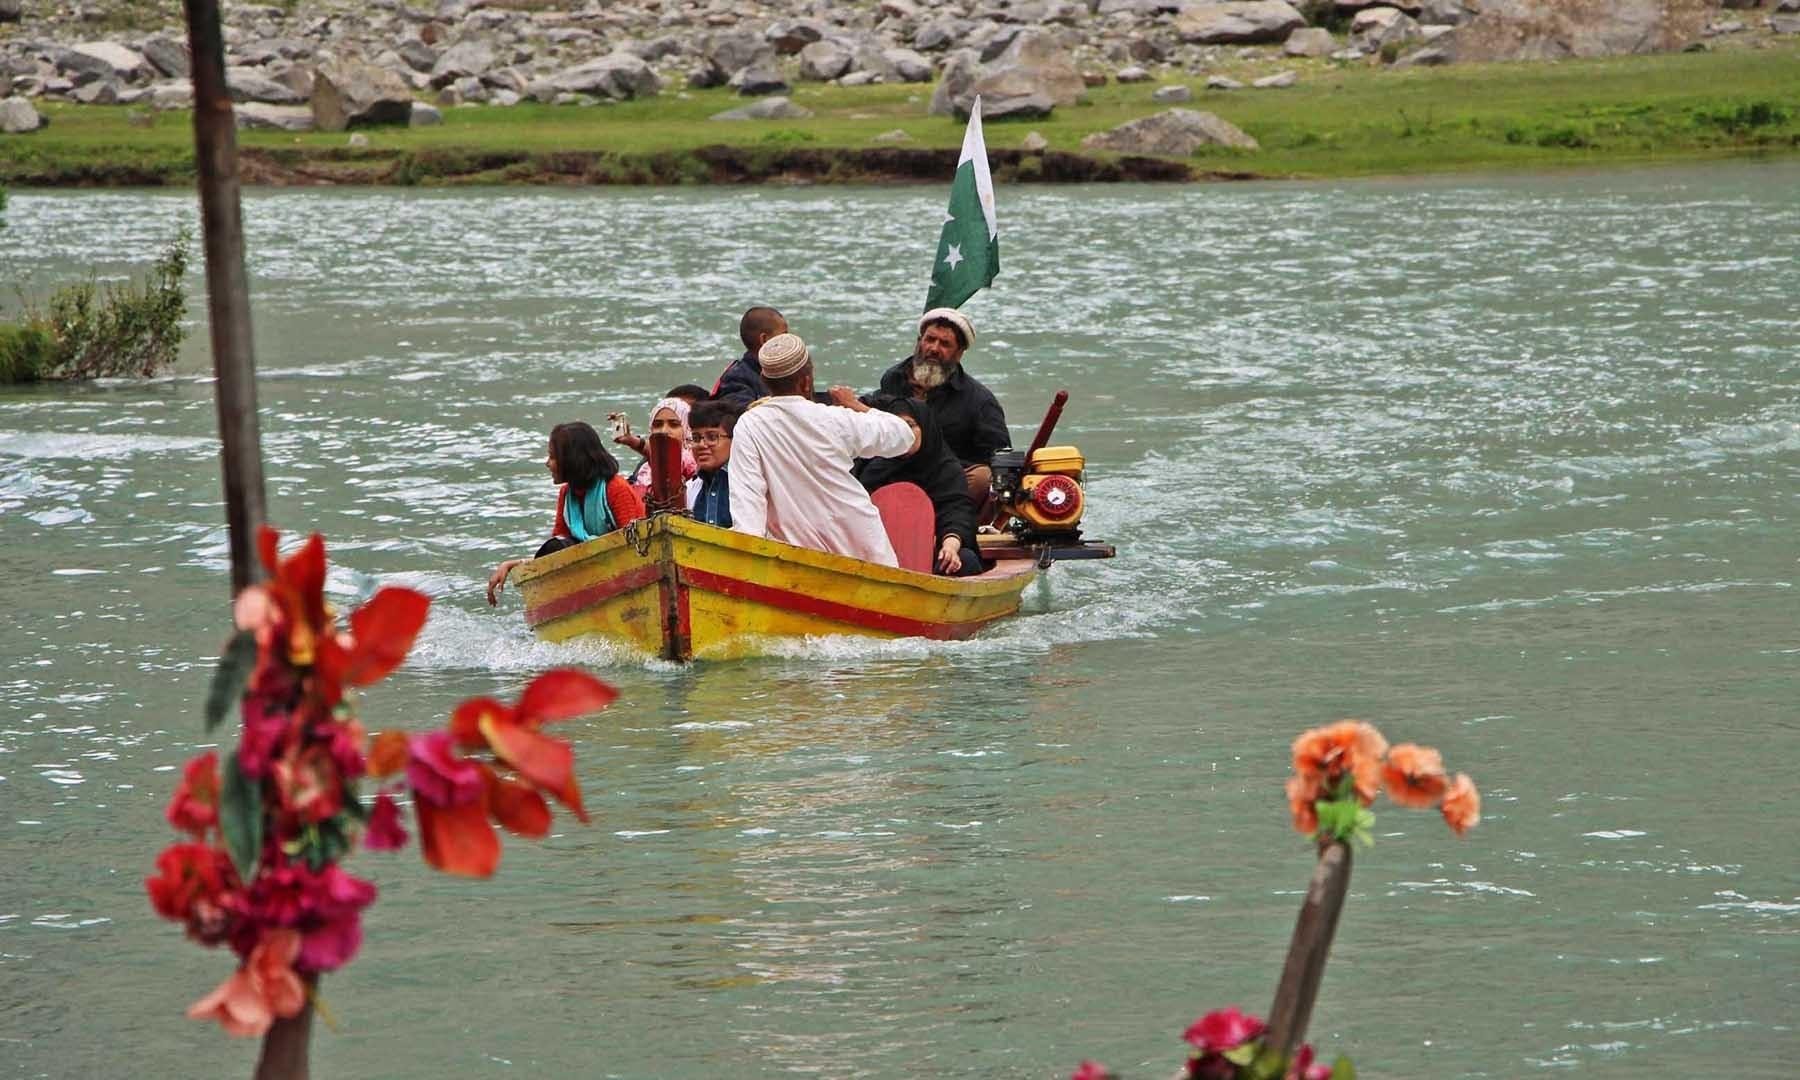 جھیل سیف اللہ میں ایک سیاح خاندان کشتی میں گھوم رہا ہے—تصویر امجد علی سحاب